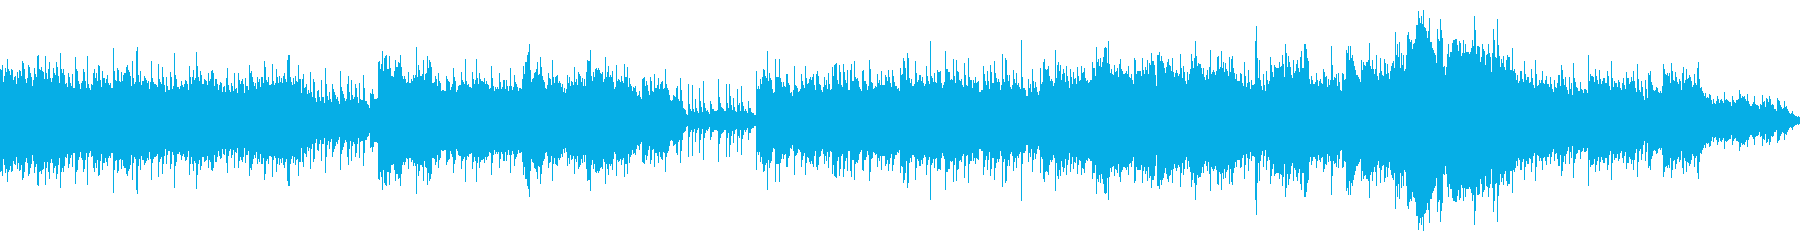 古代遺跡探検&発掘ロマンBGMの再生済みの波形